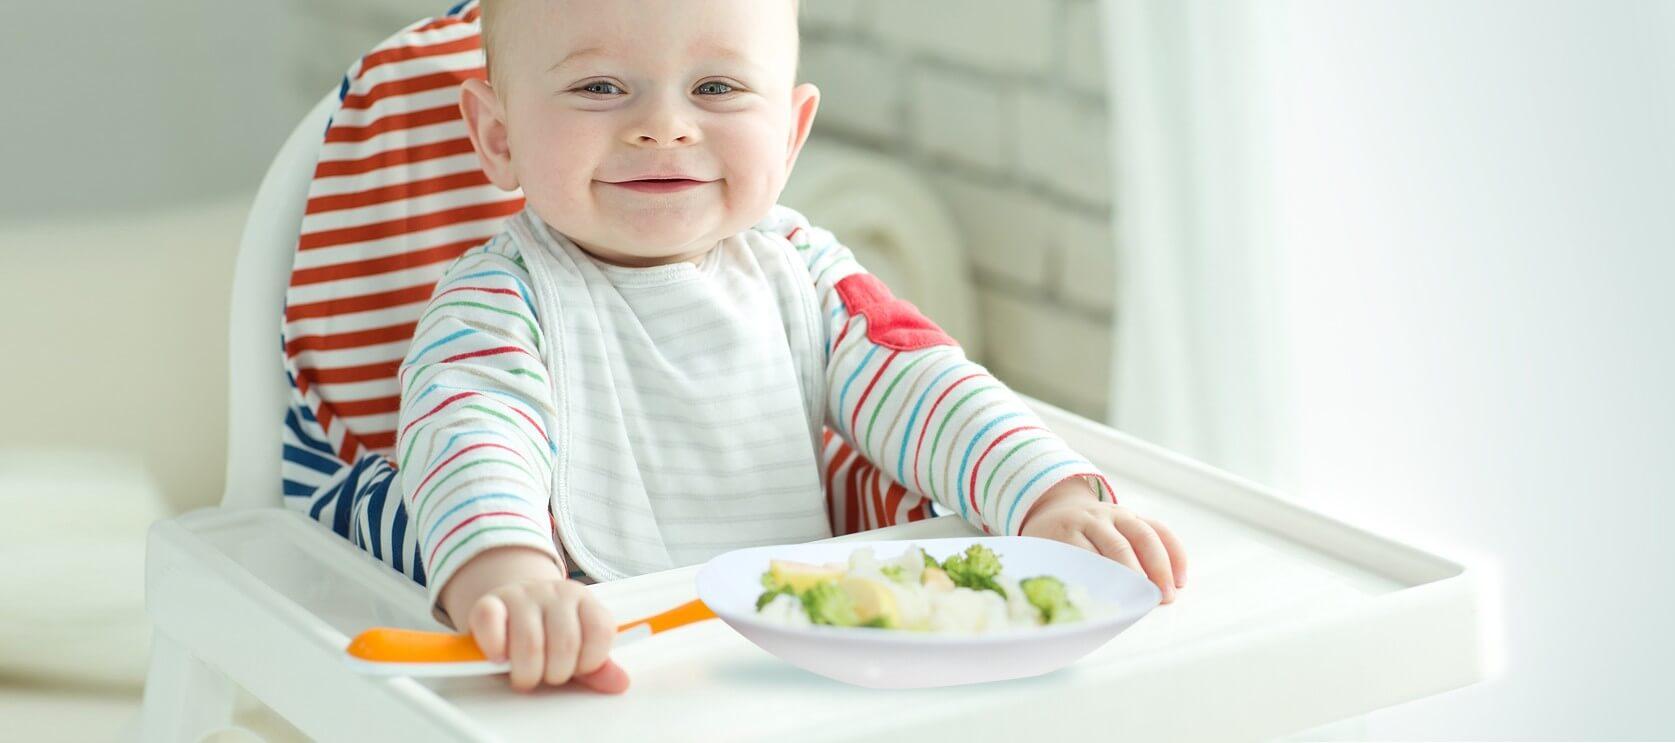 Rozszerzanie diety u niemowląt